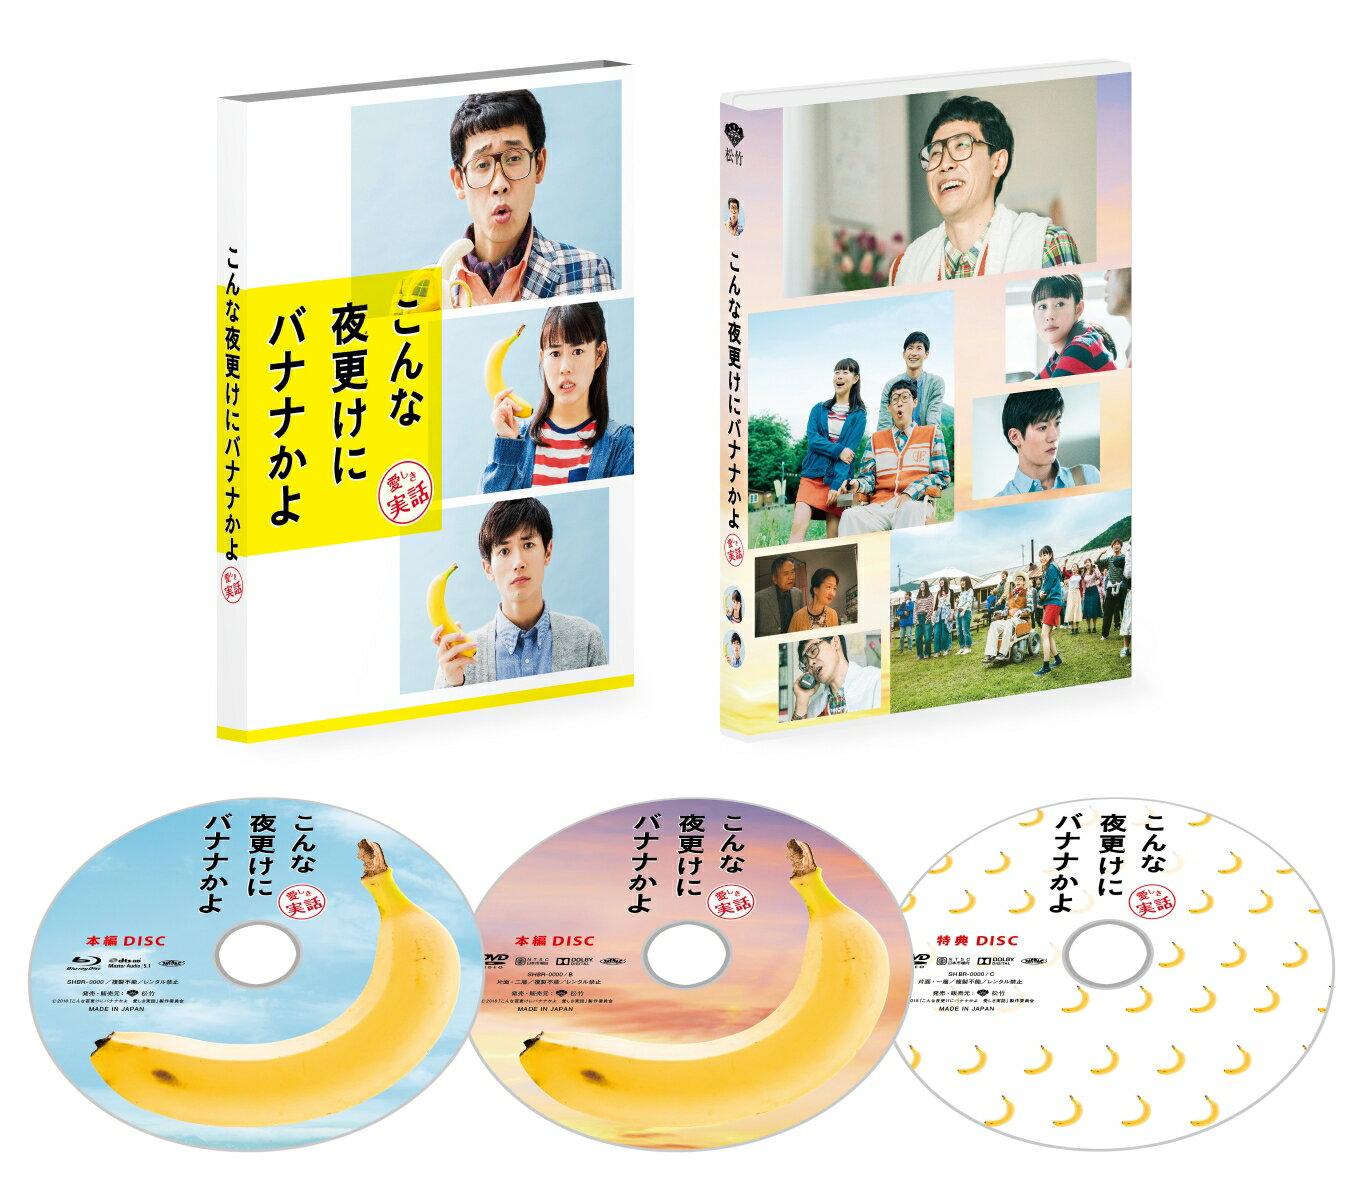 こんな夜更けにバナナかよ 愛しき実話 豪華版(初回限定生産)【Blu-ray】